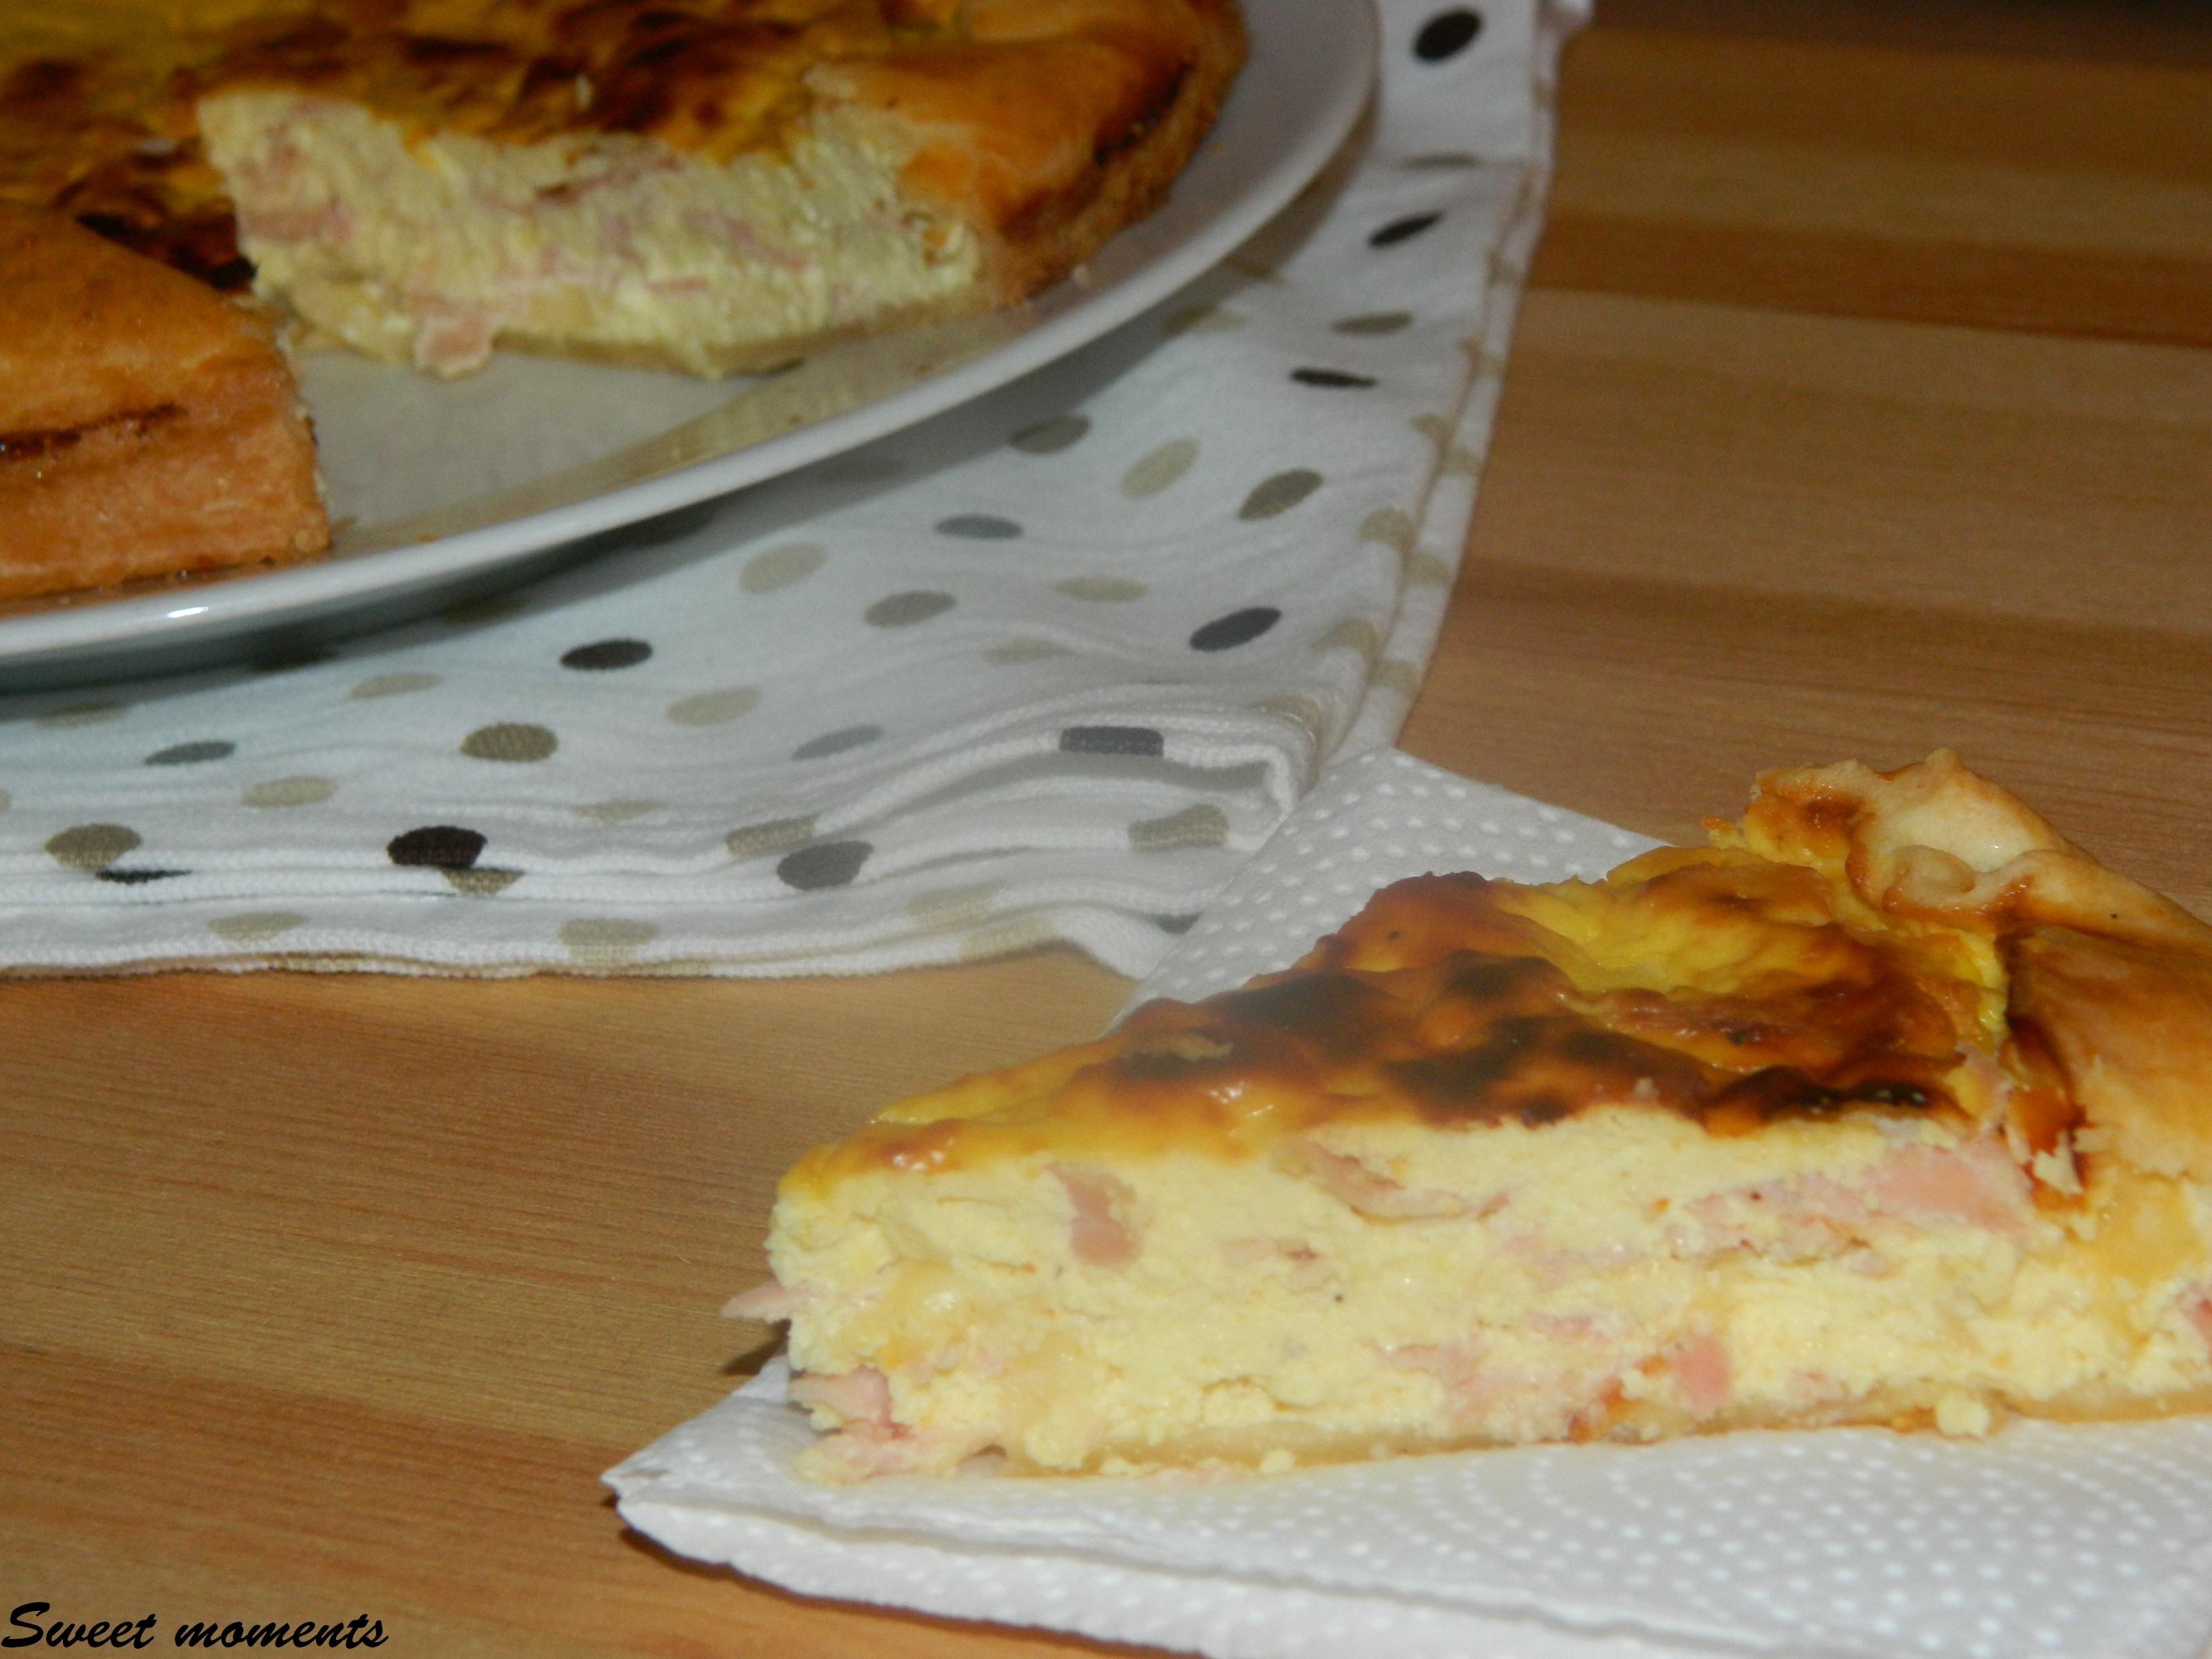 Torta salata ripiena di ricotta e prosciutto